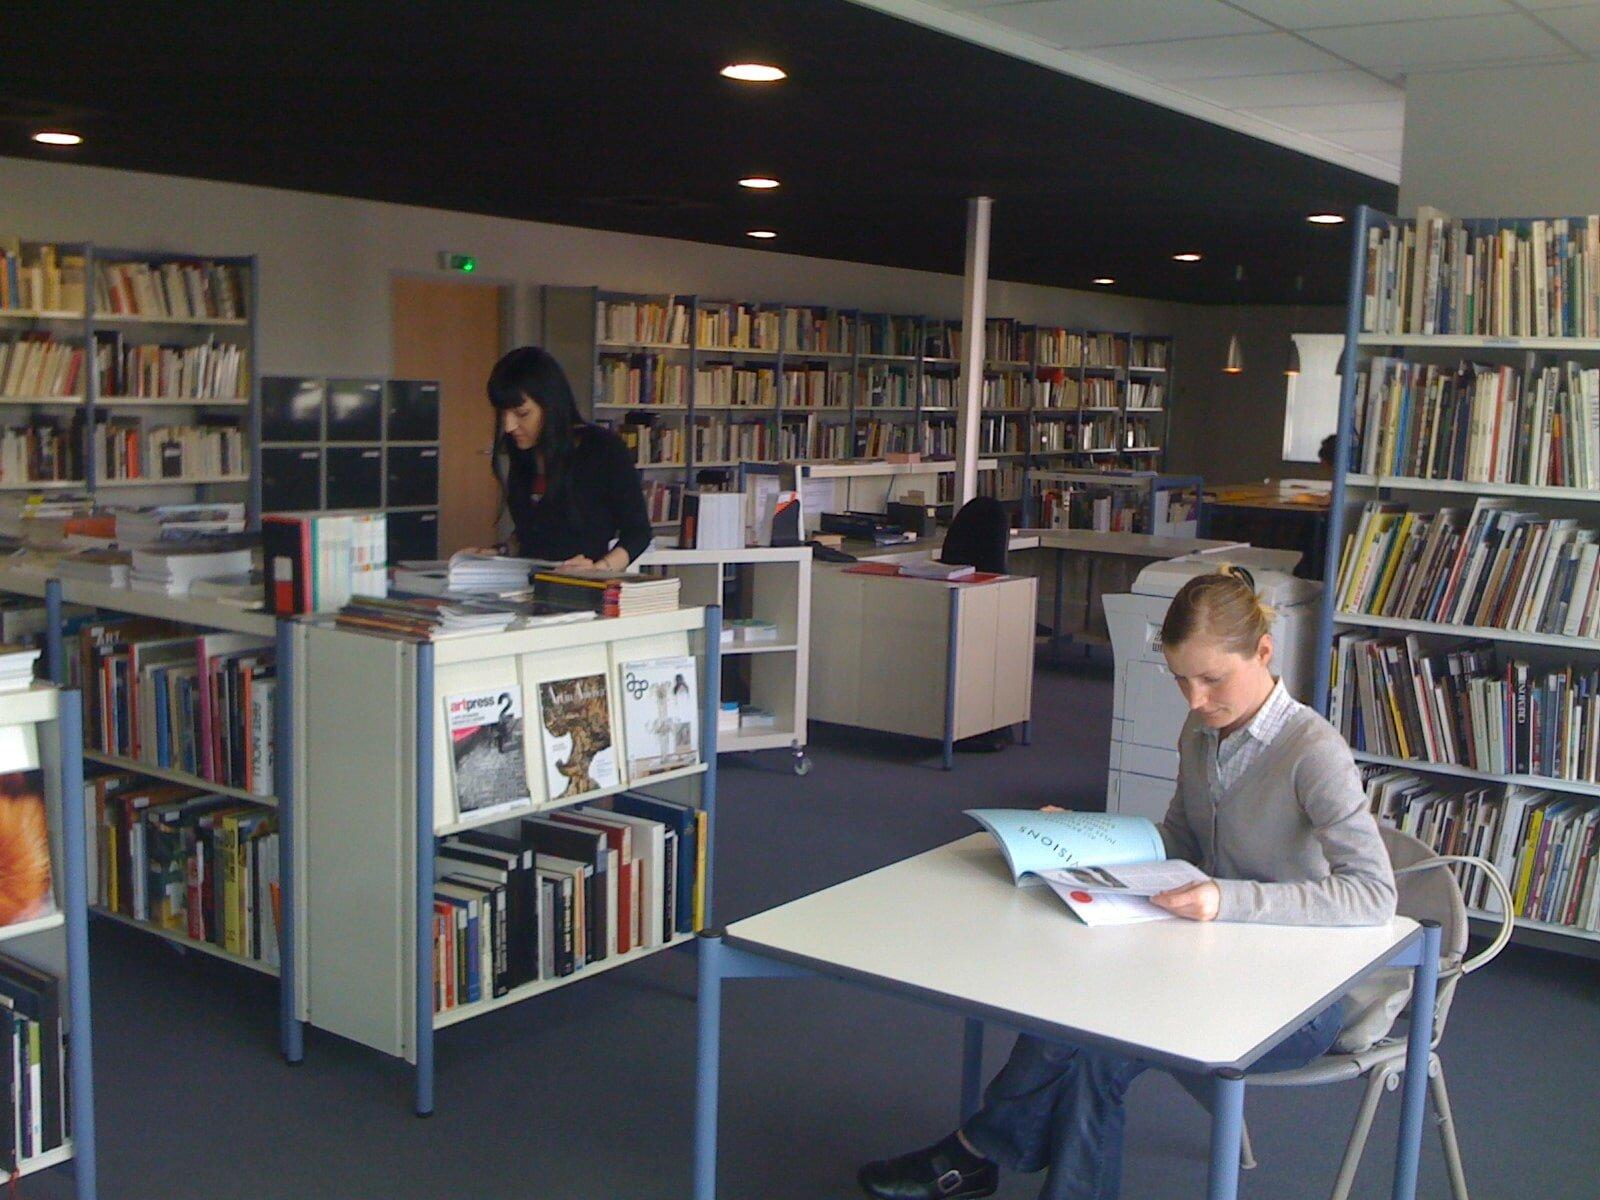 Salle de consultation des Archives de la critique d'art dans leurs locaux actuels à Rennes, archives internes ACA, collection INHA – Archives de la critique d'art. D.R.